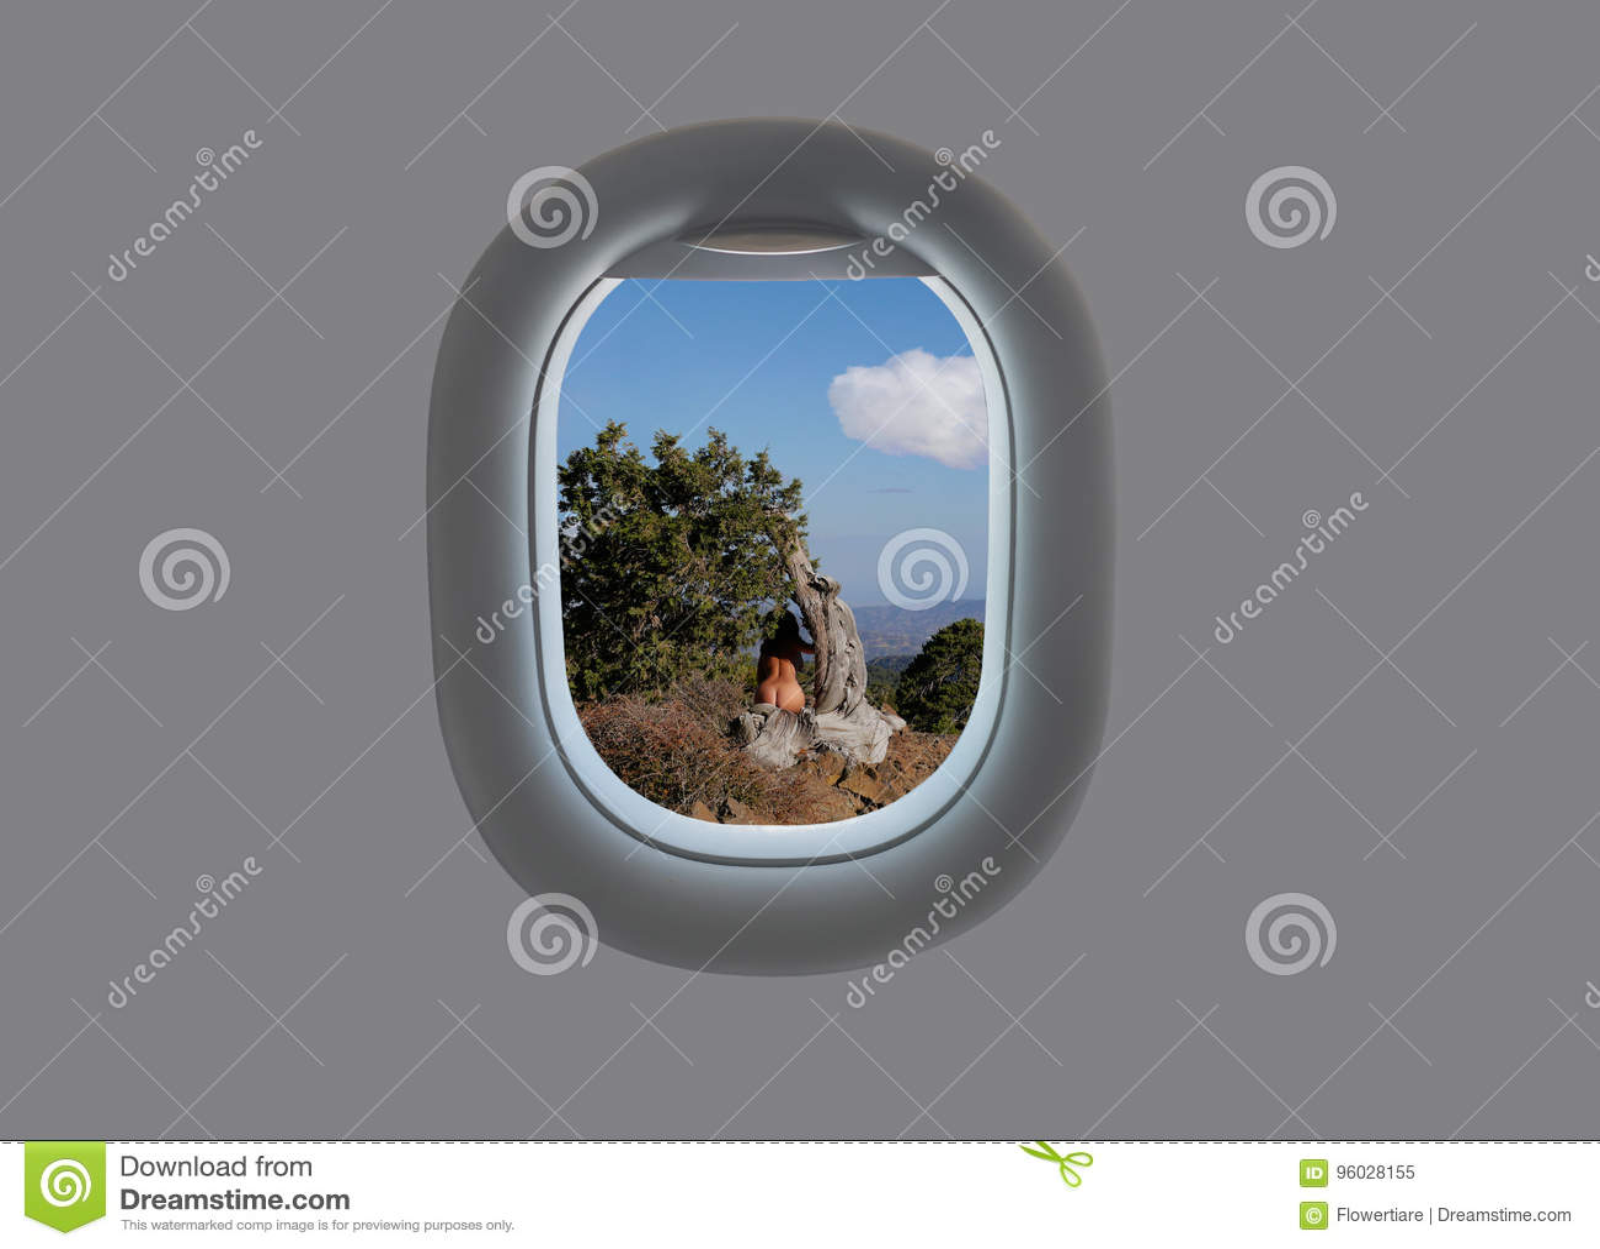 Nagi żeński obsiadanie na drzewie w blasku księżyca na Olympus górze na Cypr w płaskim okno